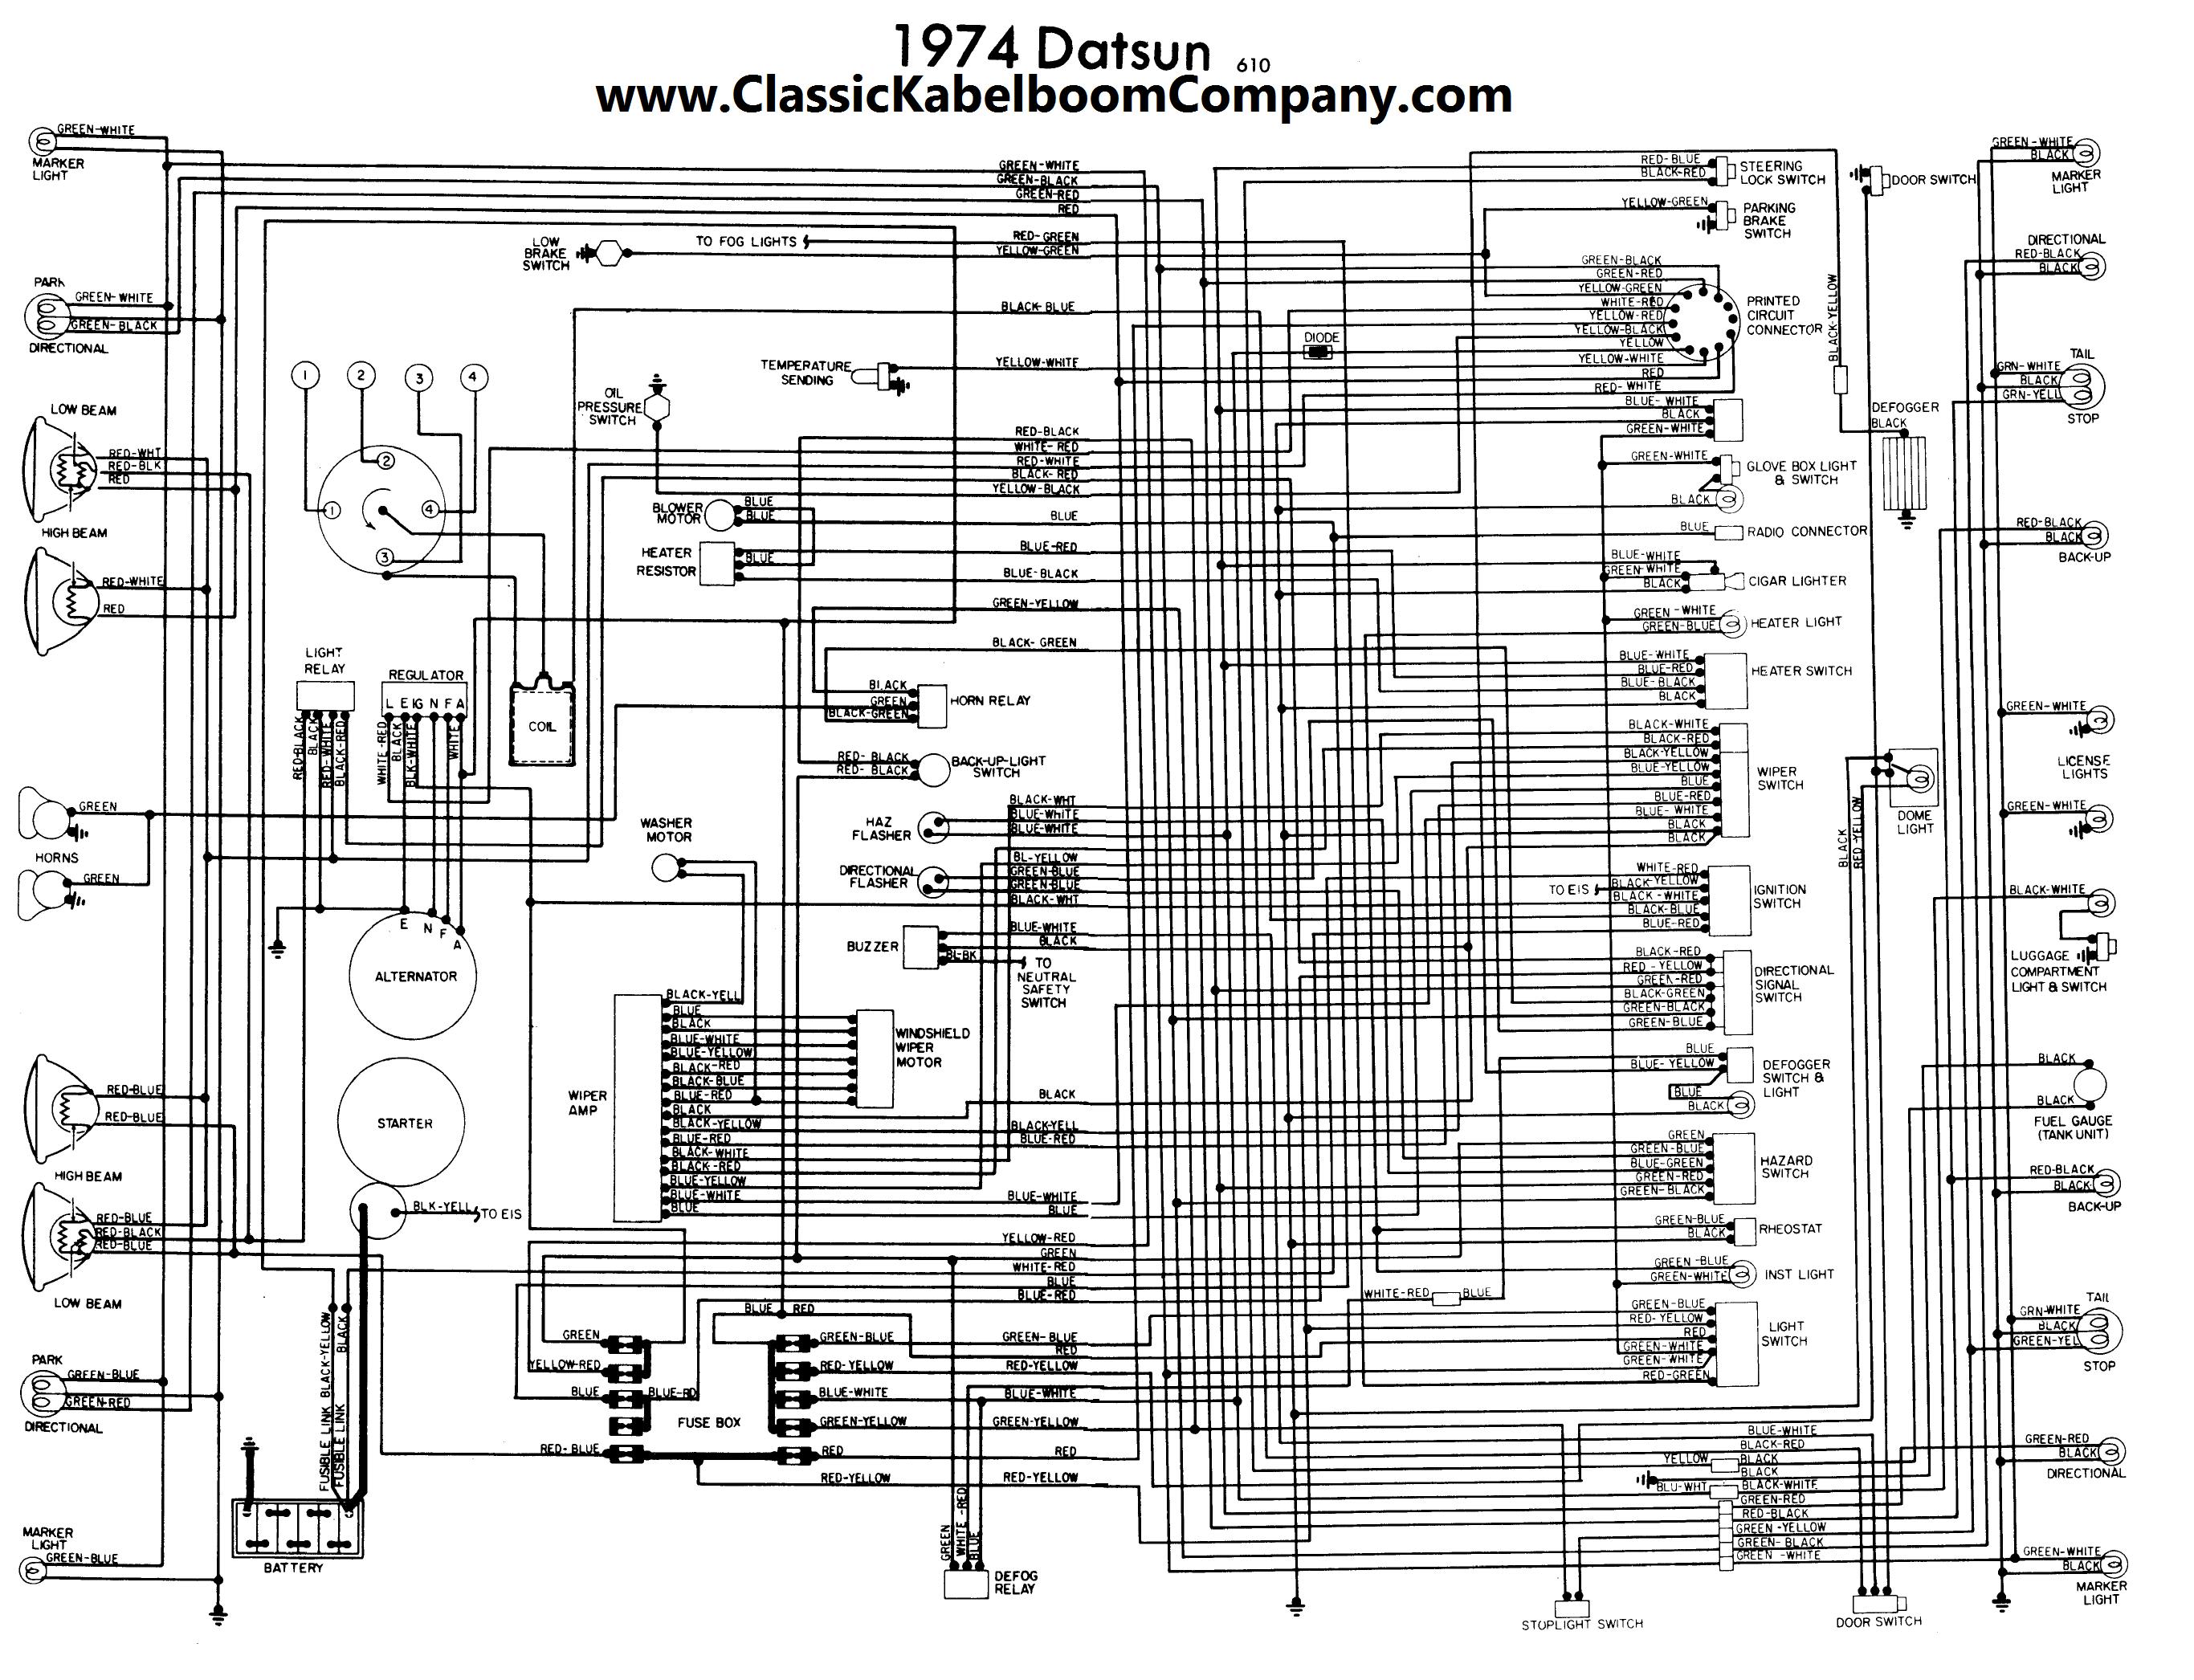 Großartig Datsun 510 Schaltplan Galerie - Elektrische Schaltplan ...